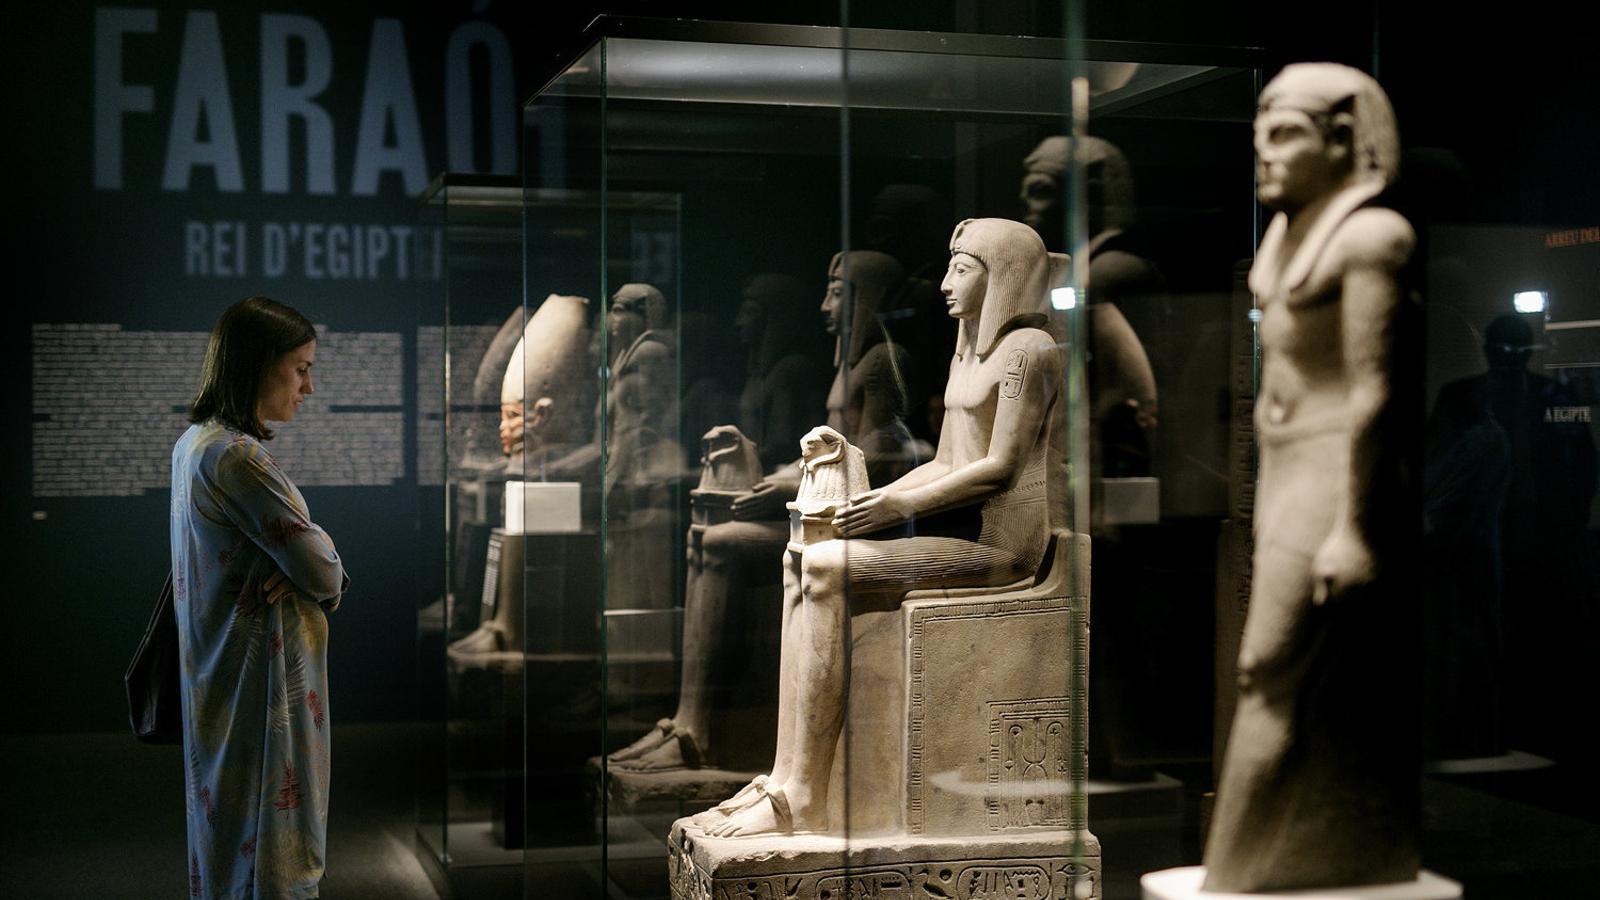 Tot el que amagaven les mirades divines dels faraons